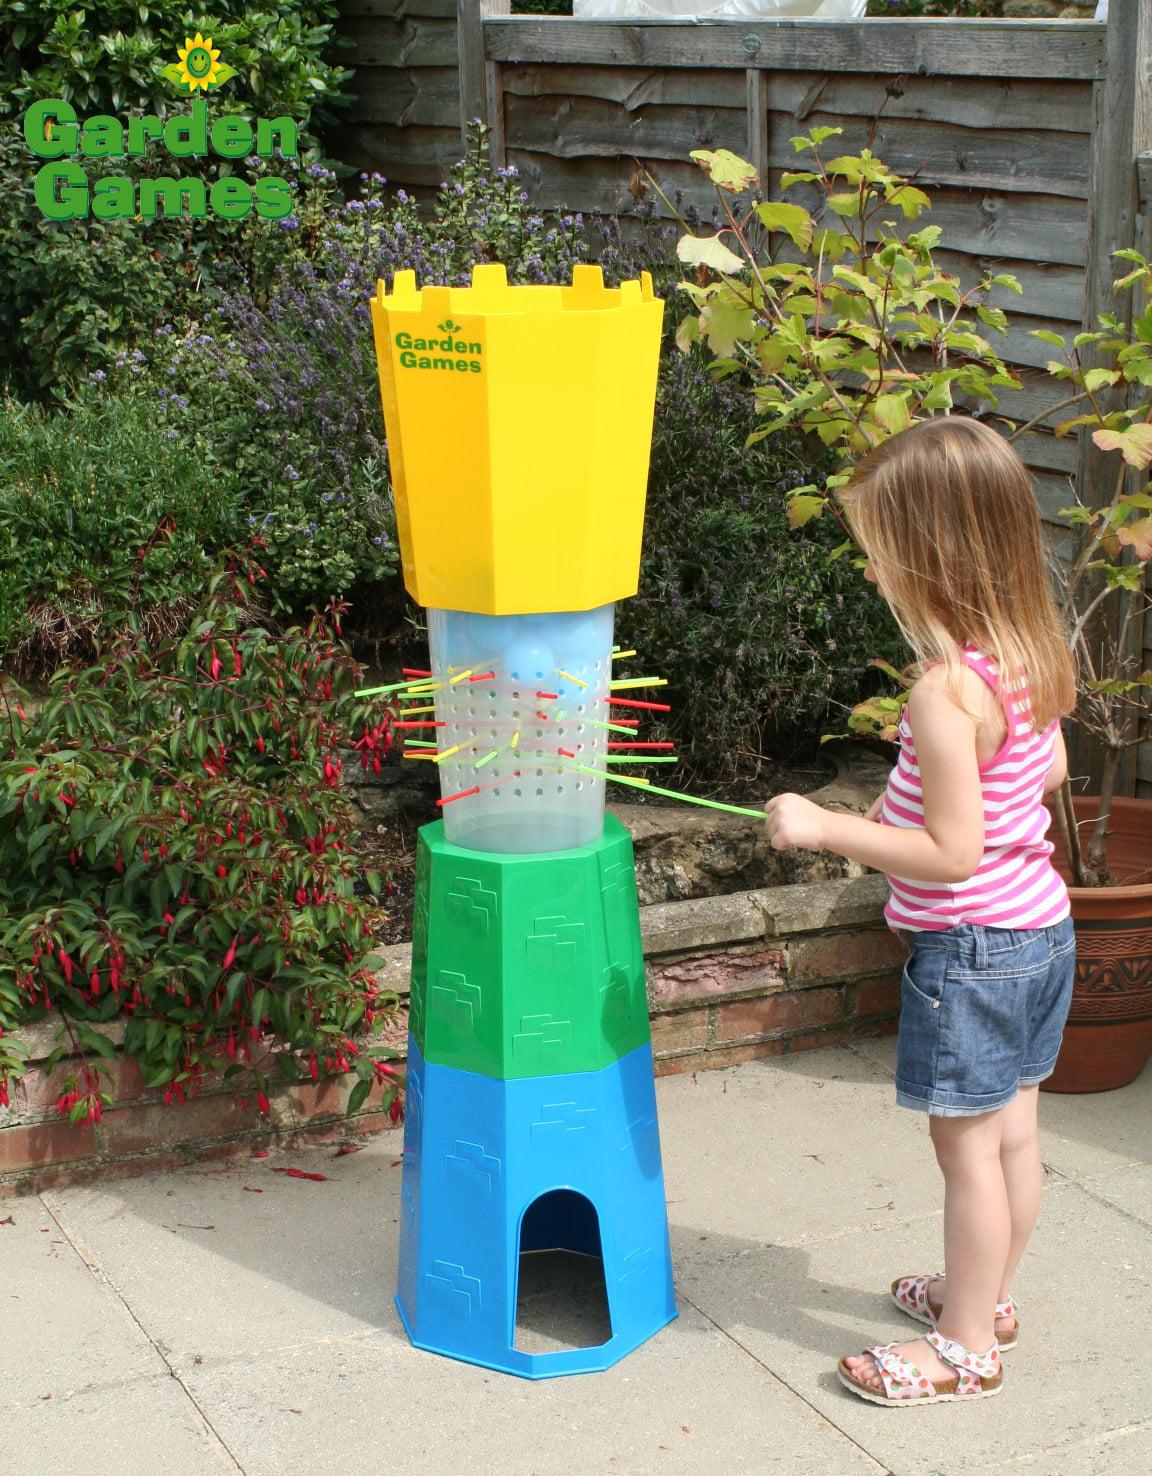 Adventure Zone Toys Garden Games Cannonball Drop